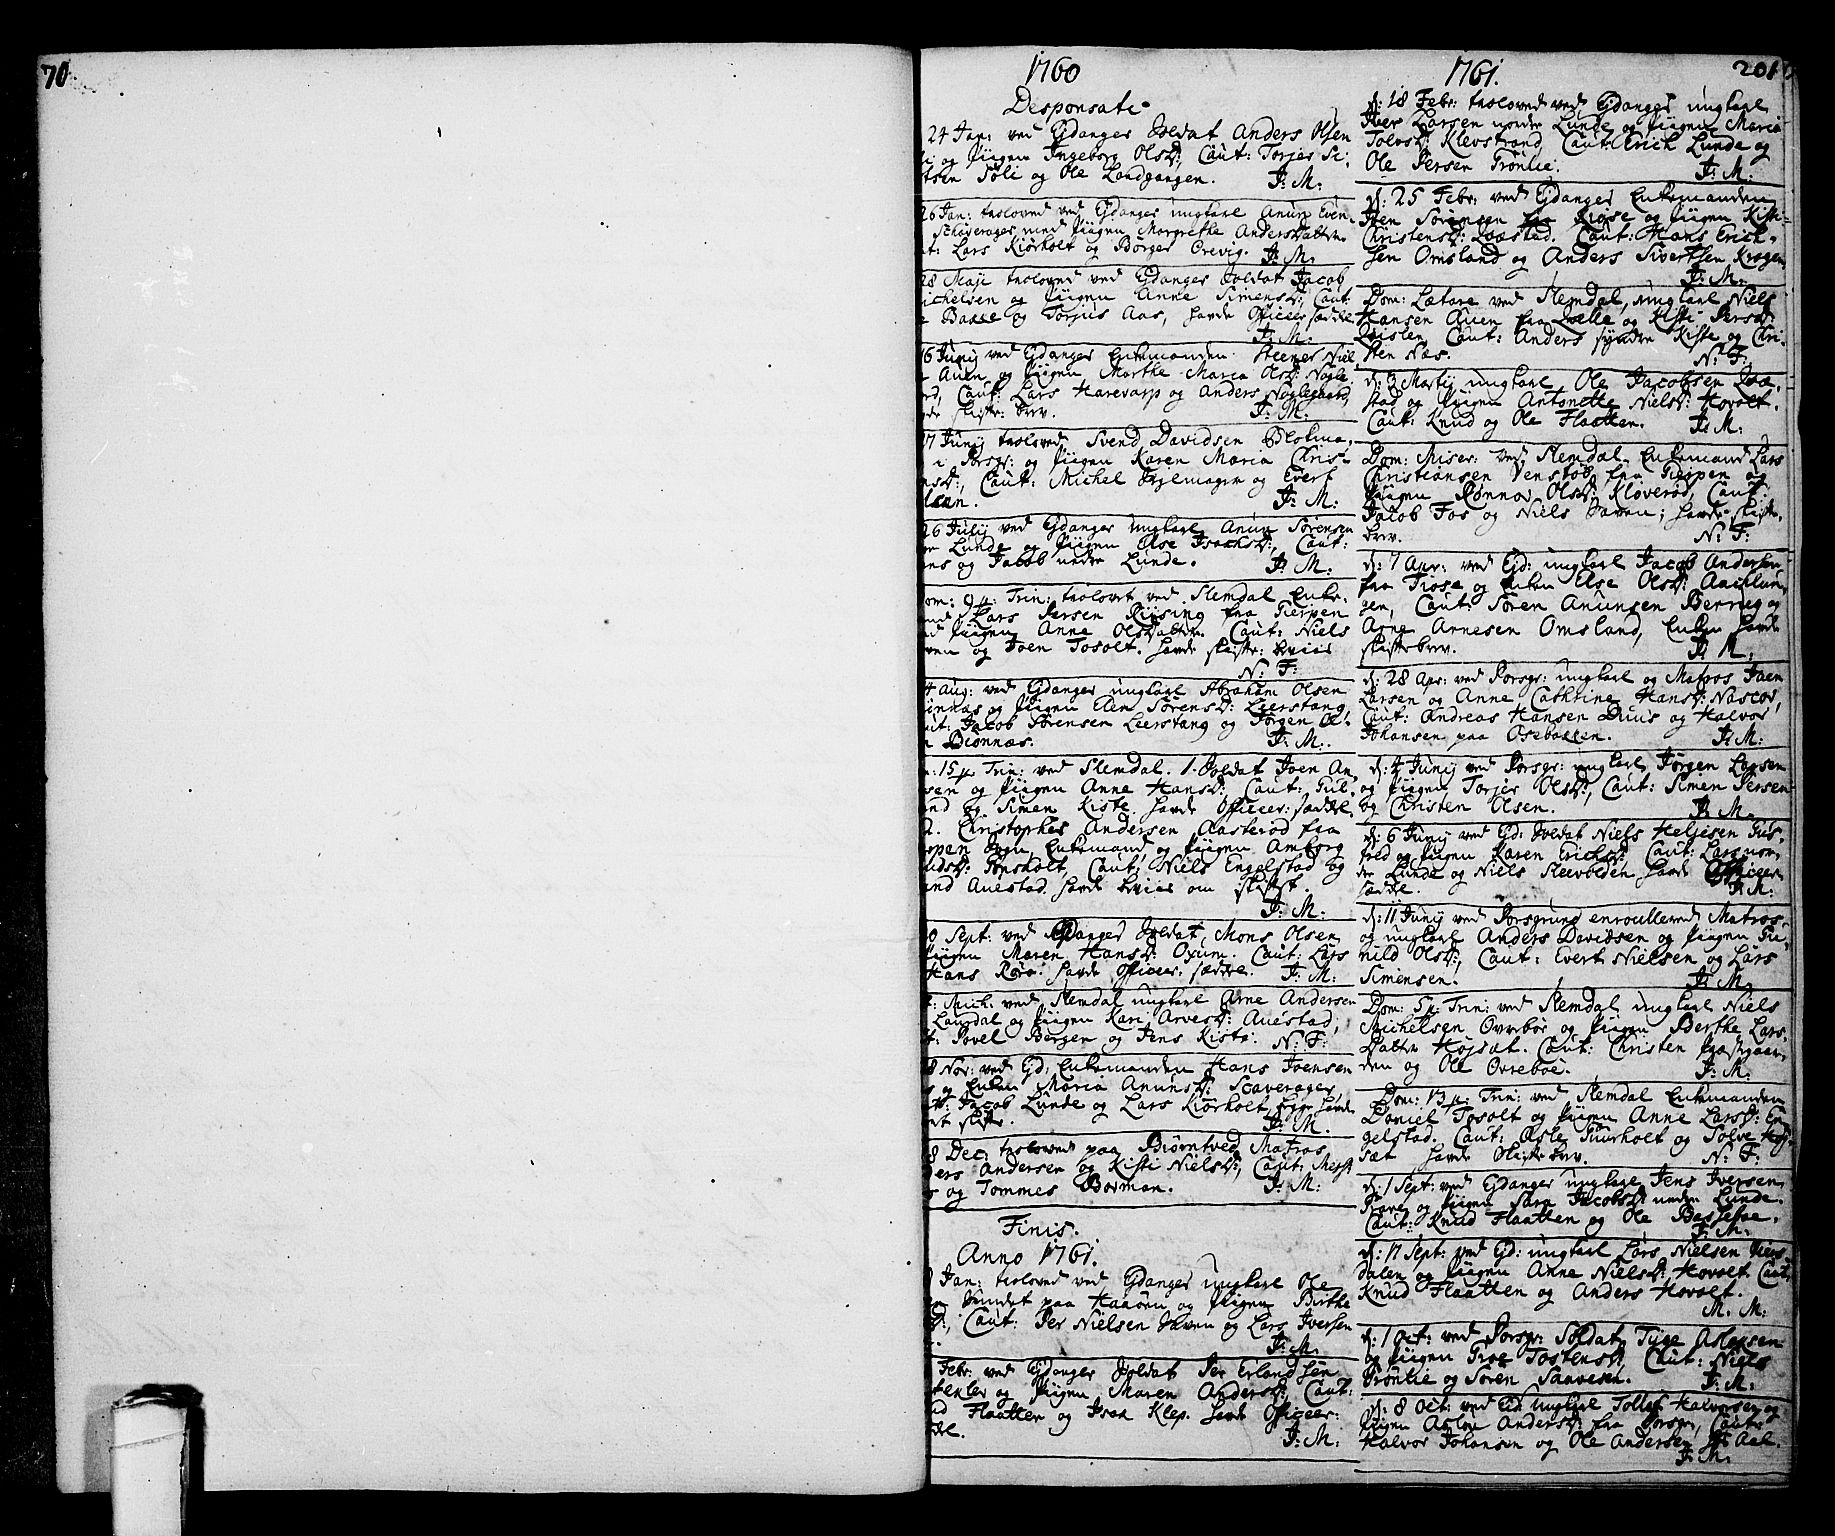 SAKO, Eidanger kirkebøker, F/Fa/L0005: Ministerialbok nr. 5, 1760-1764, s. 201